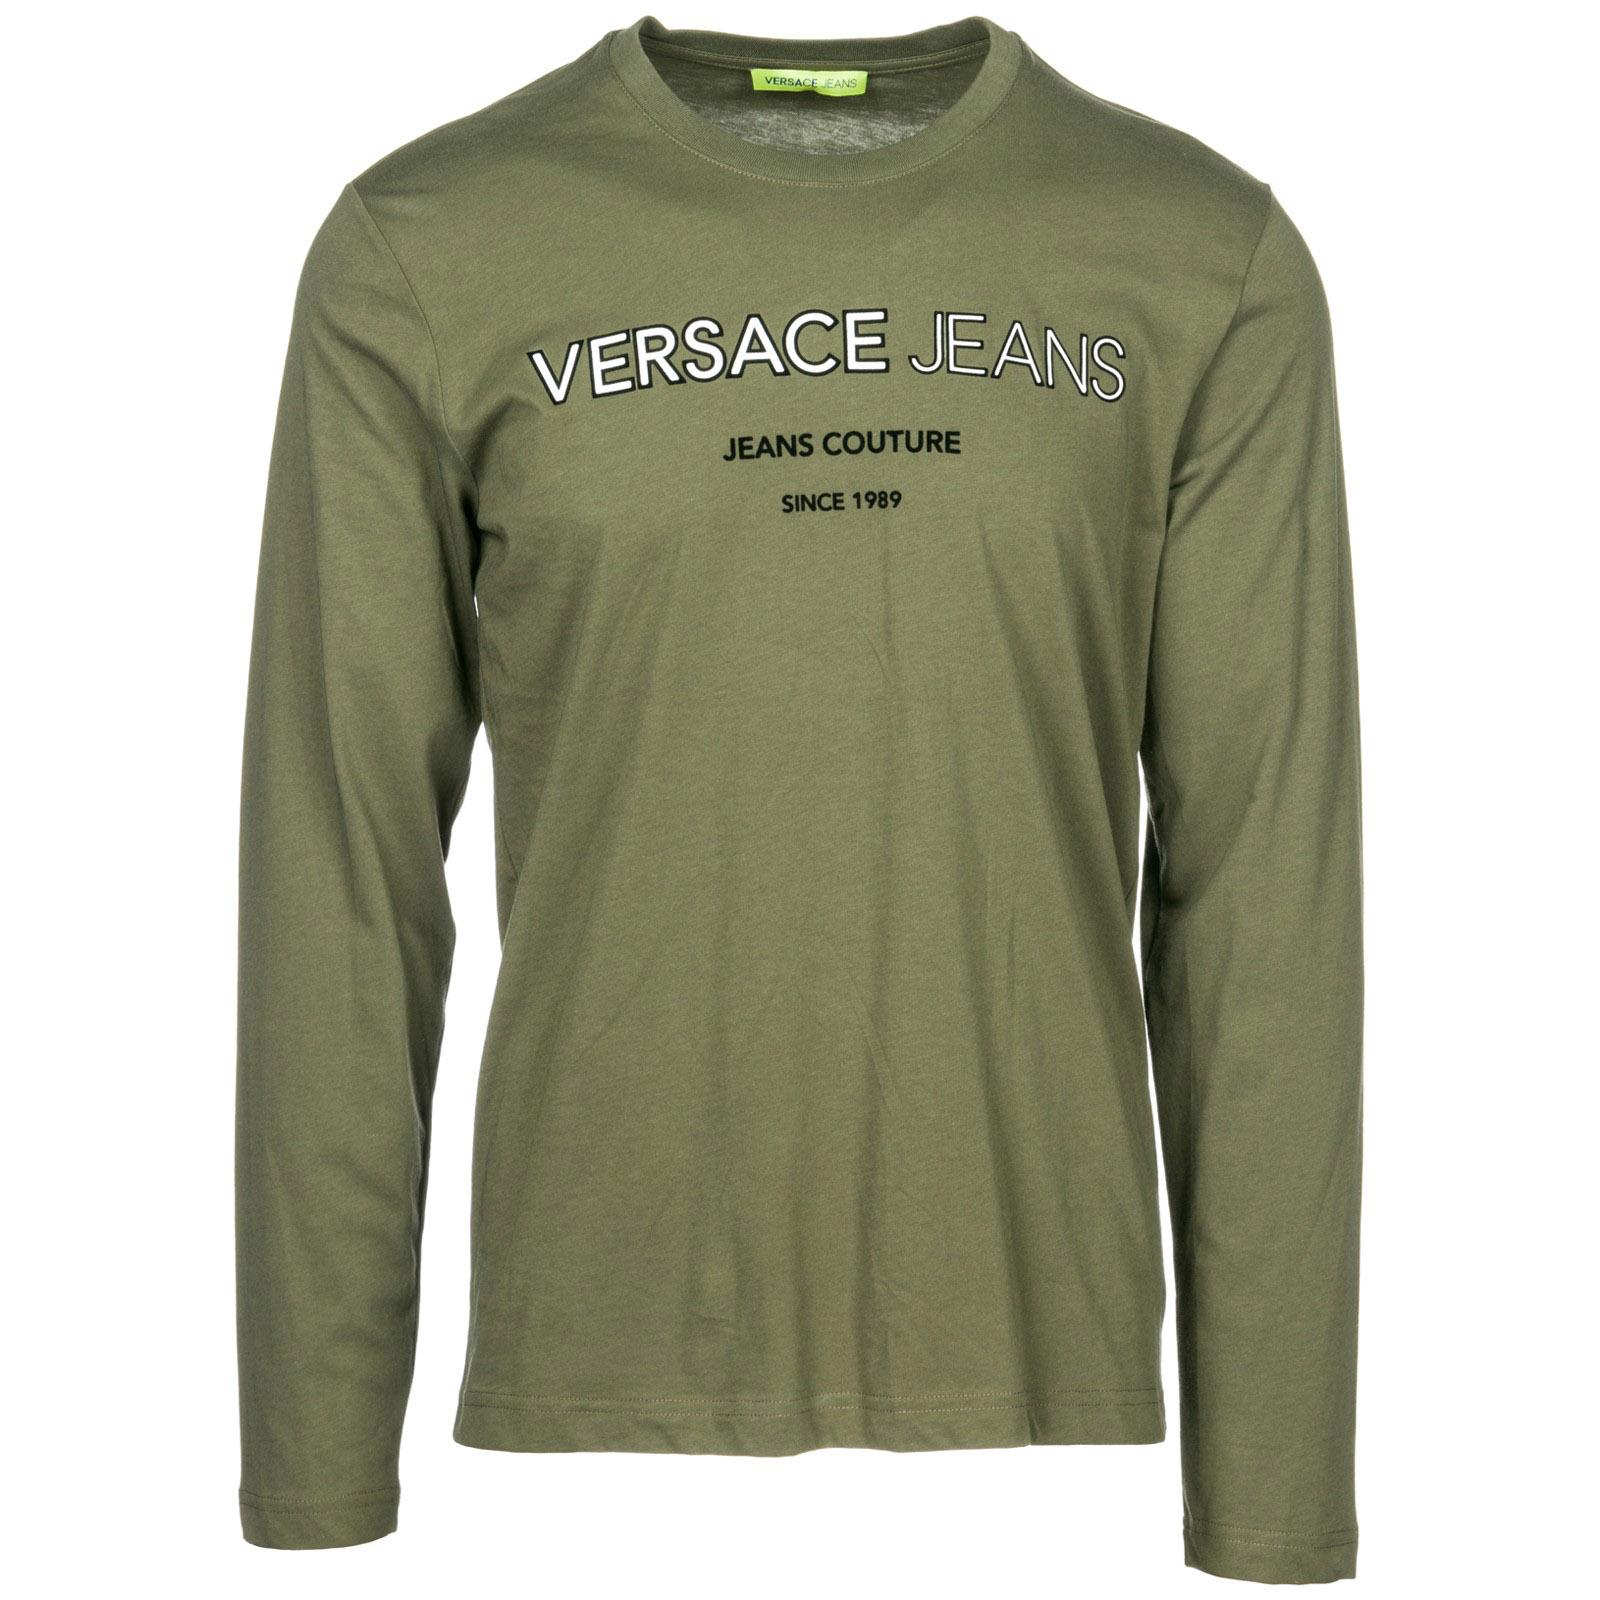 3657bee5f Rugrats Long Sleeve T Shirt Walmart | Saddha